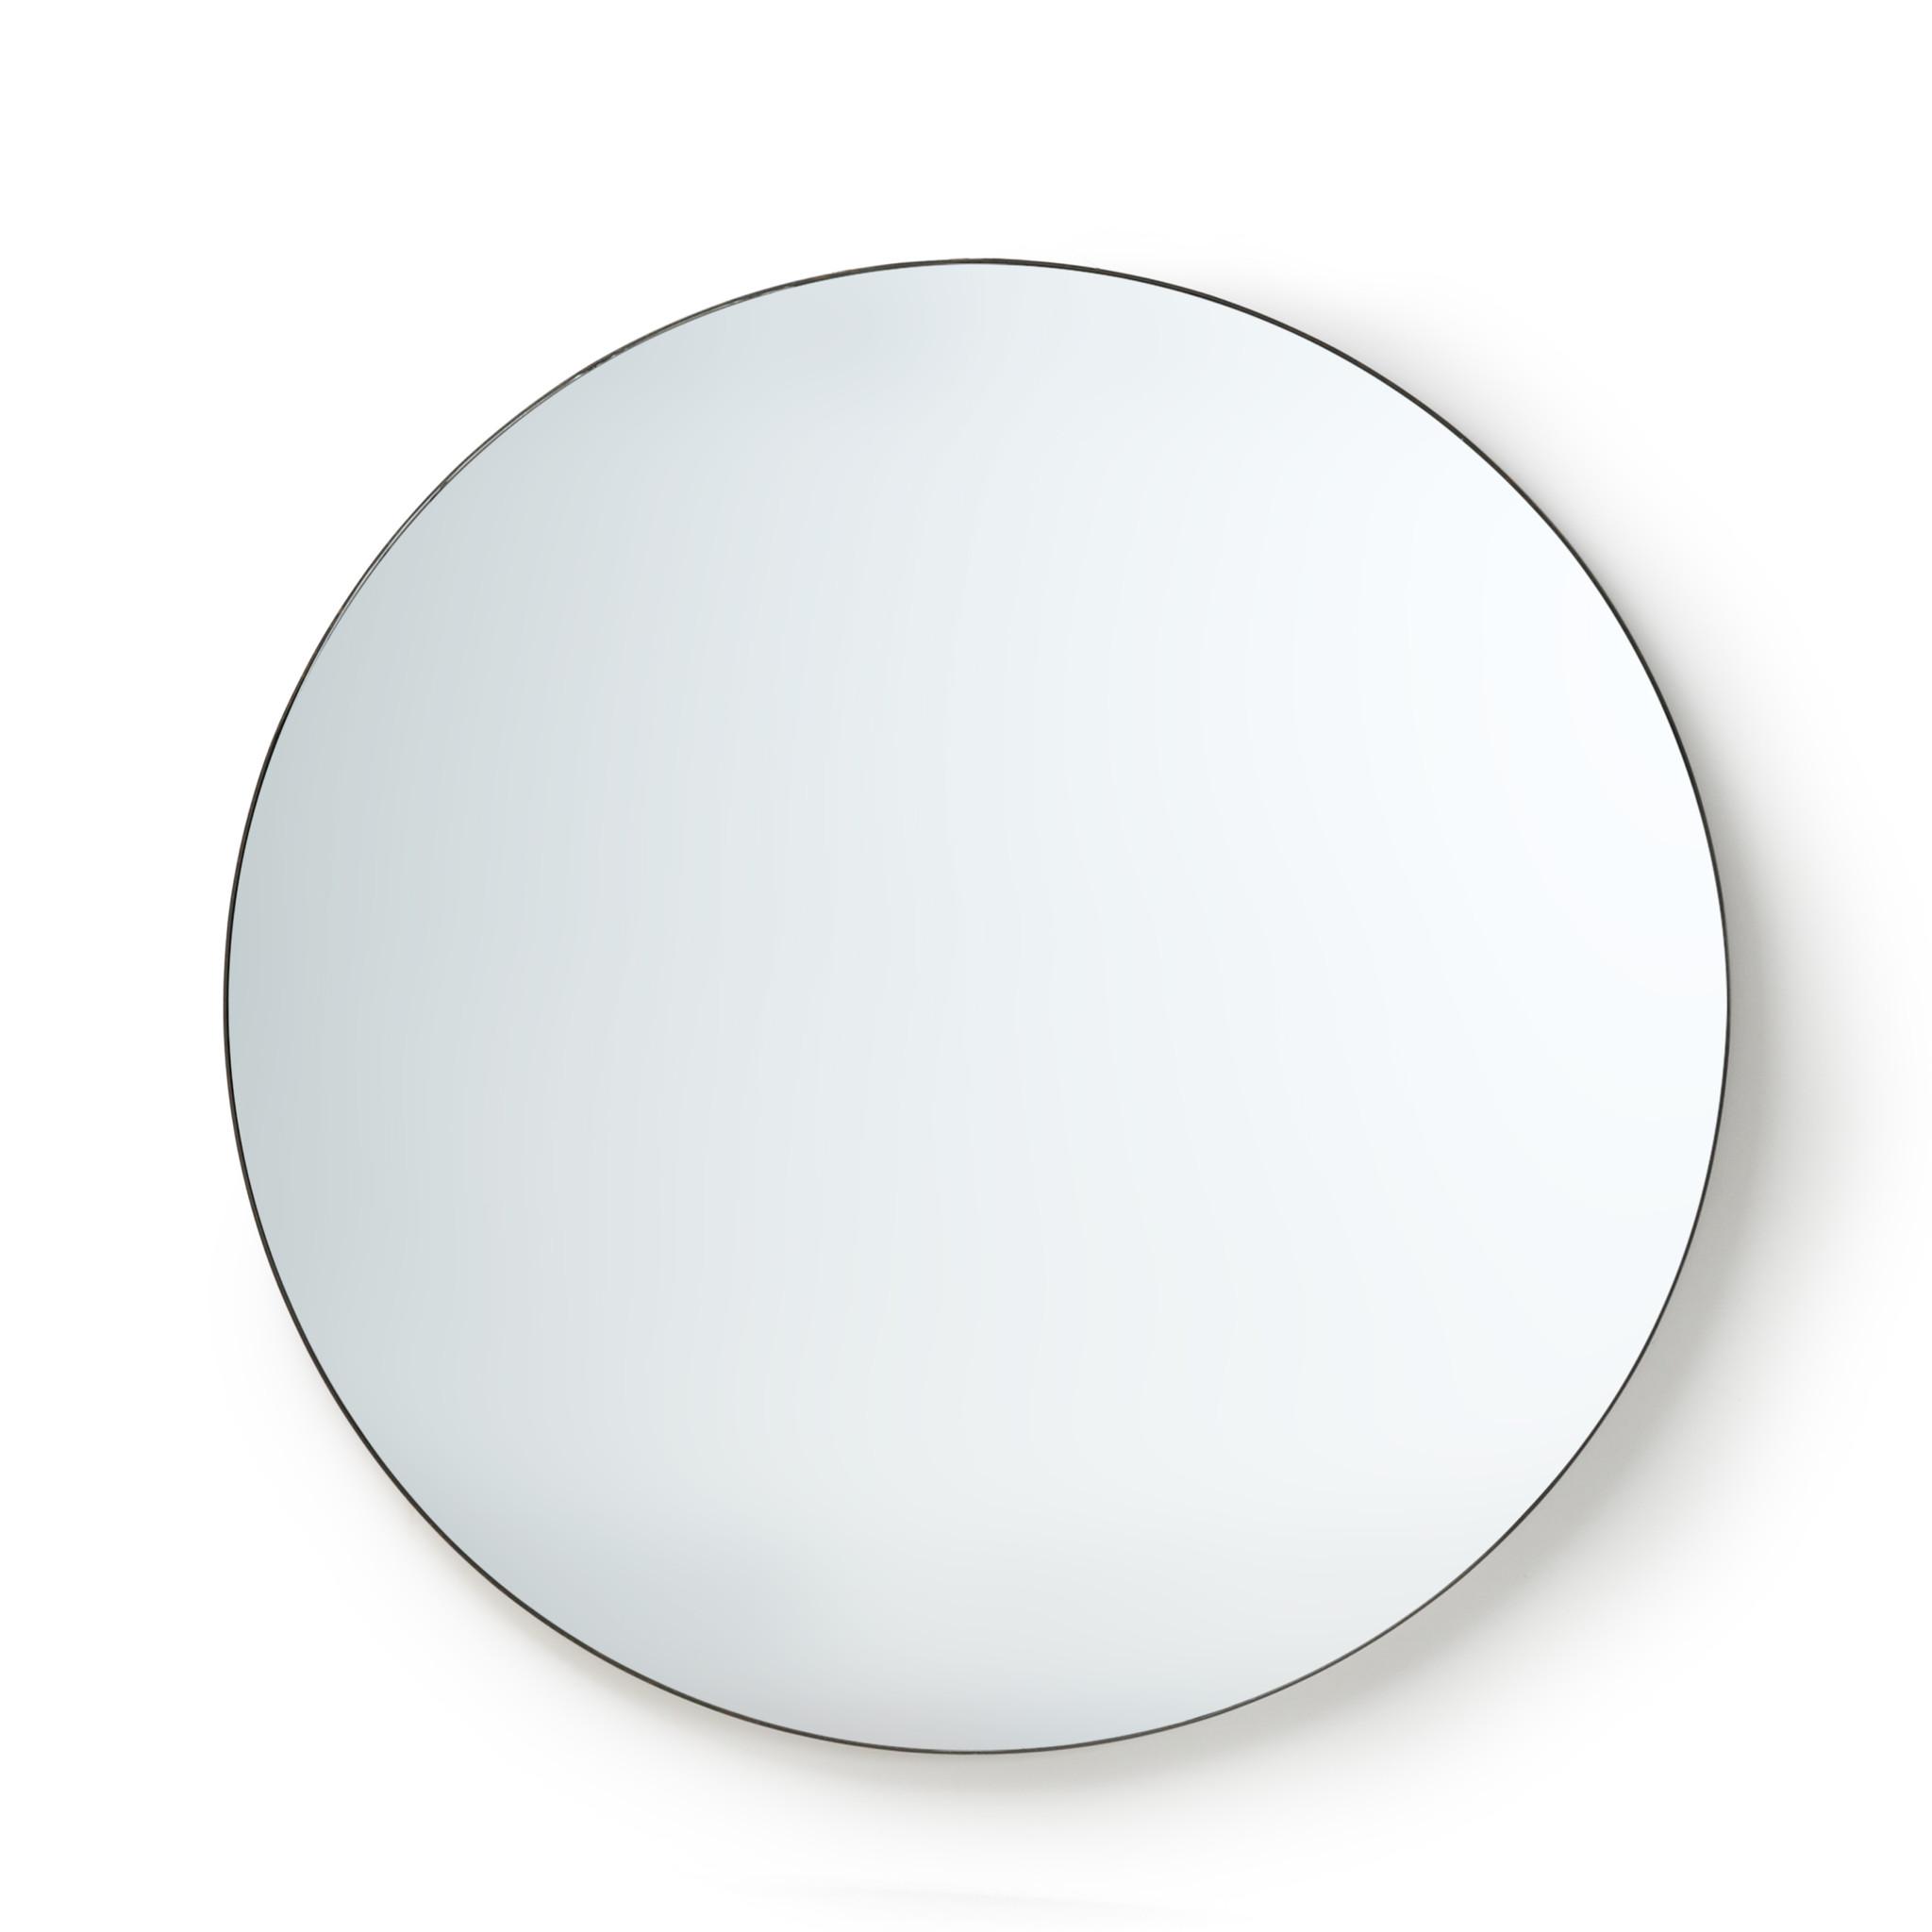 HK Living ronde metalen spiegel 120cm